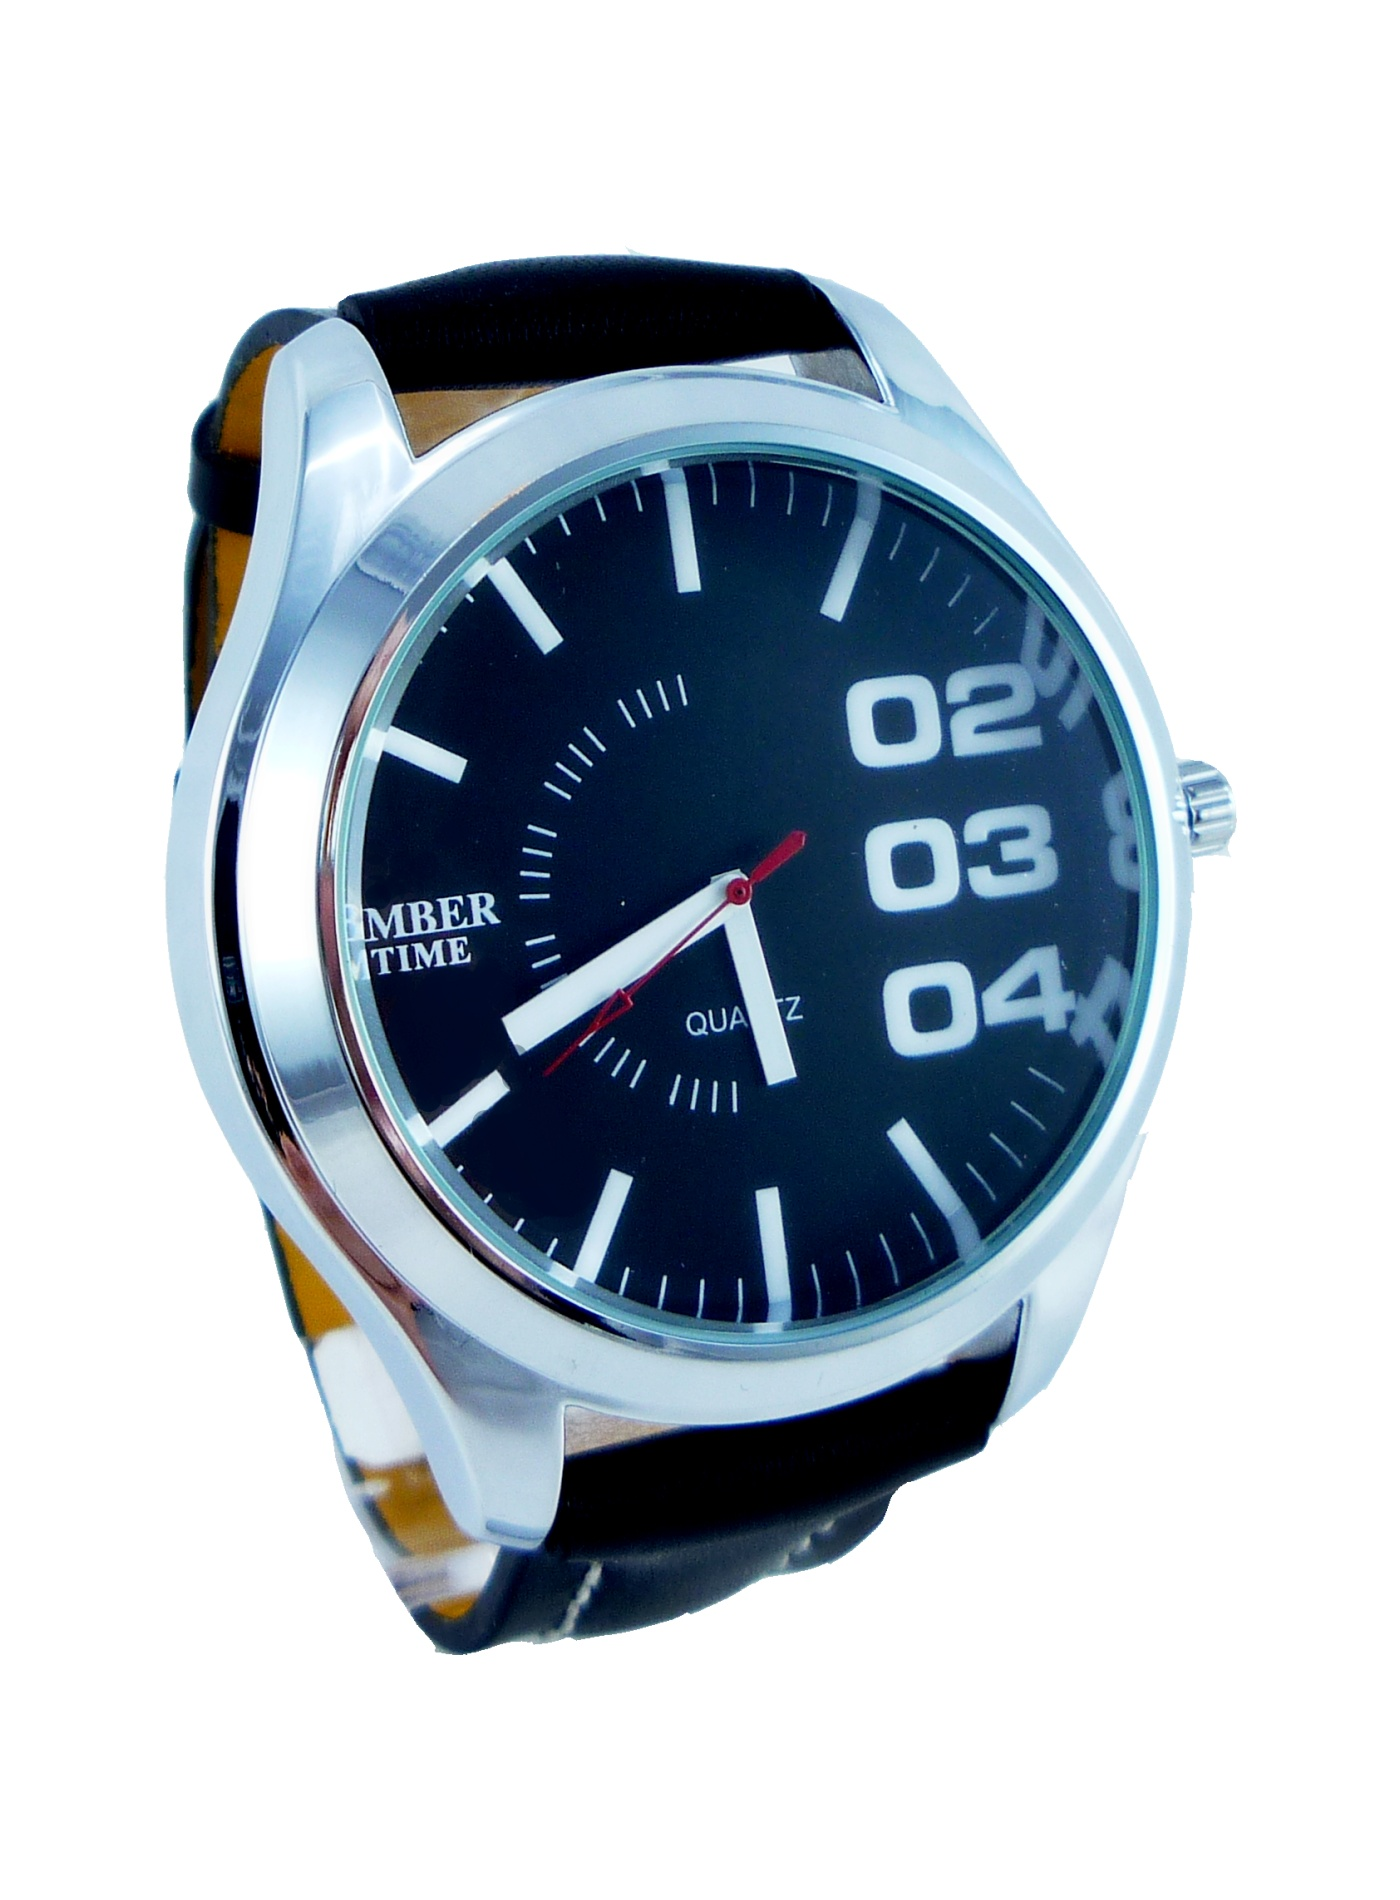 Pánské kožené hodinky AMBER Time černé 098P